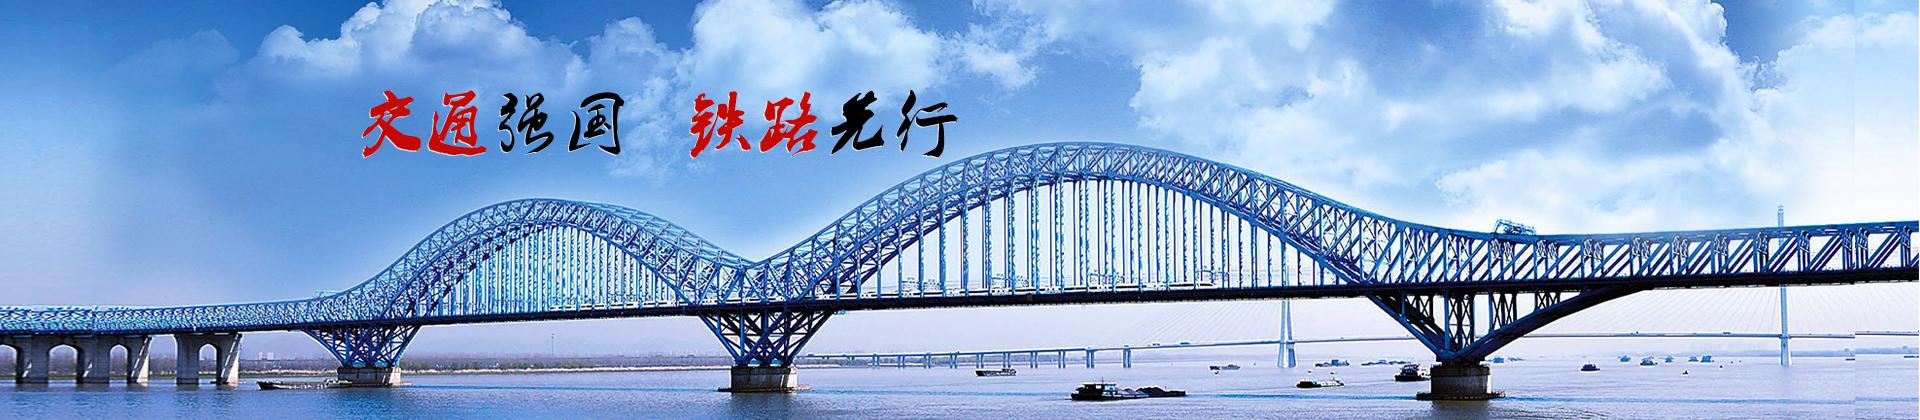 大胜关大桥5.jpg